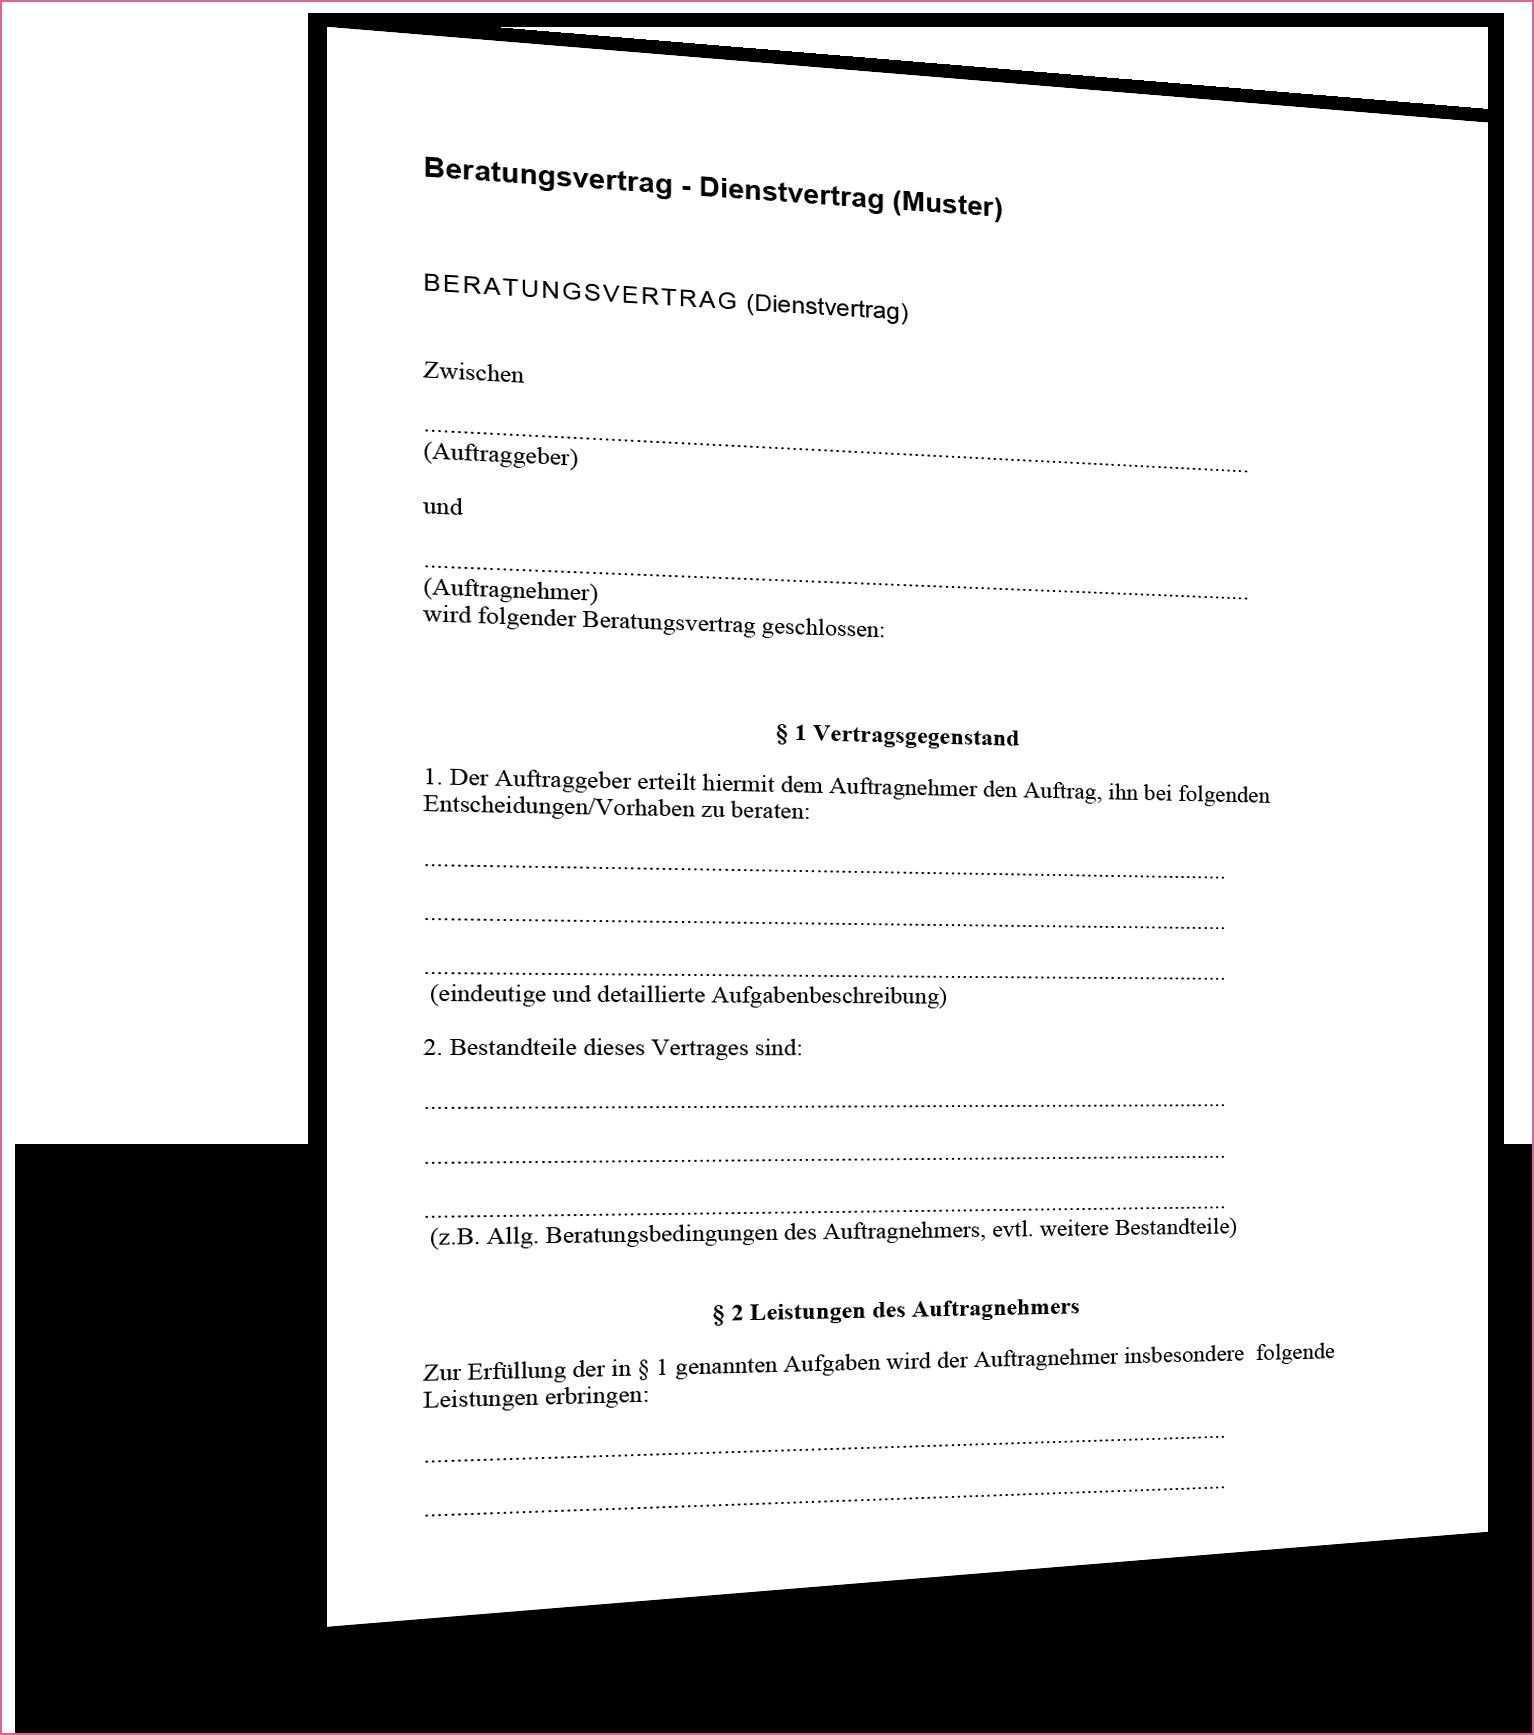 Kooperationsvertrag Muster Dienstleistungsvertrag In 2020 Modelvertrag Vertrag Muster